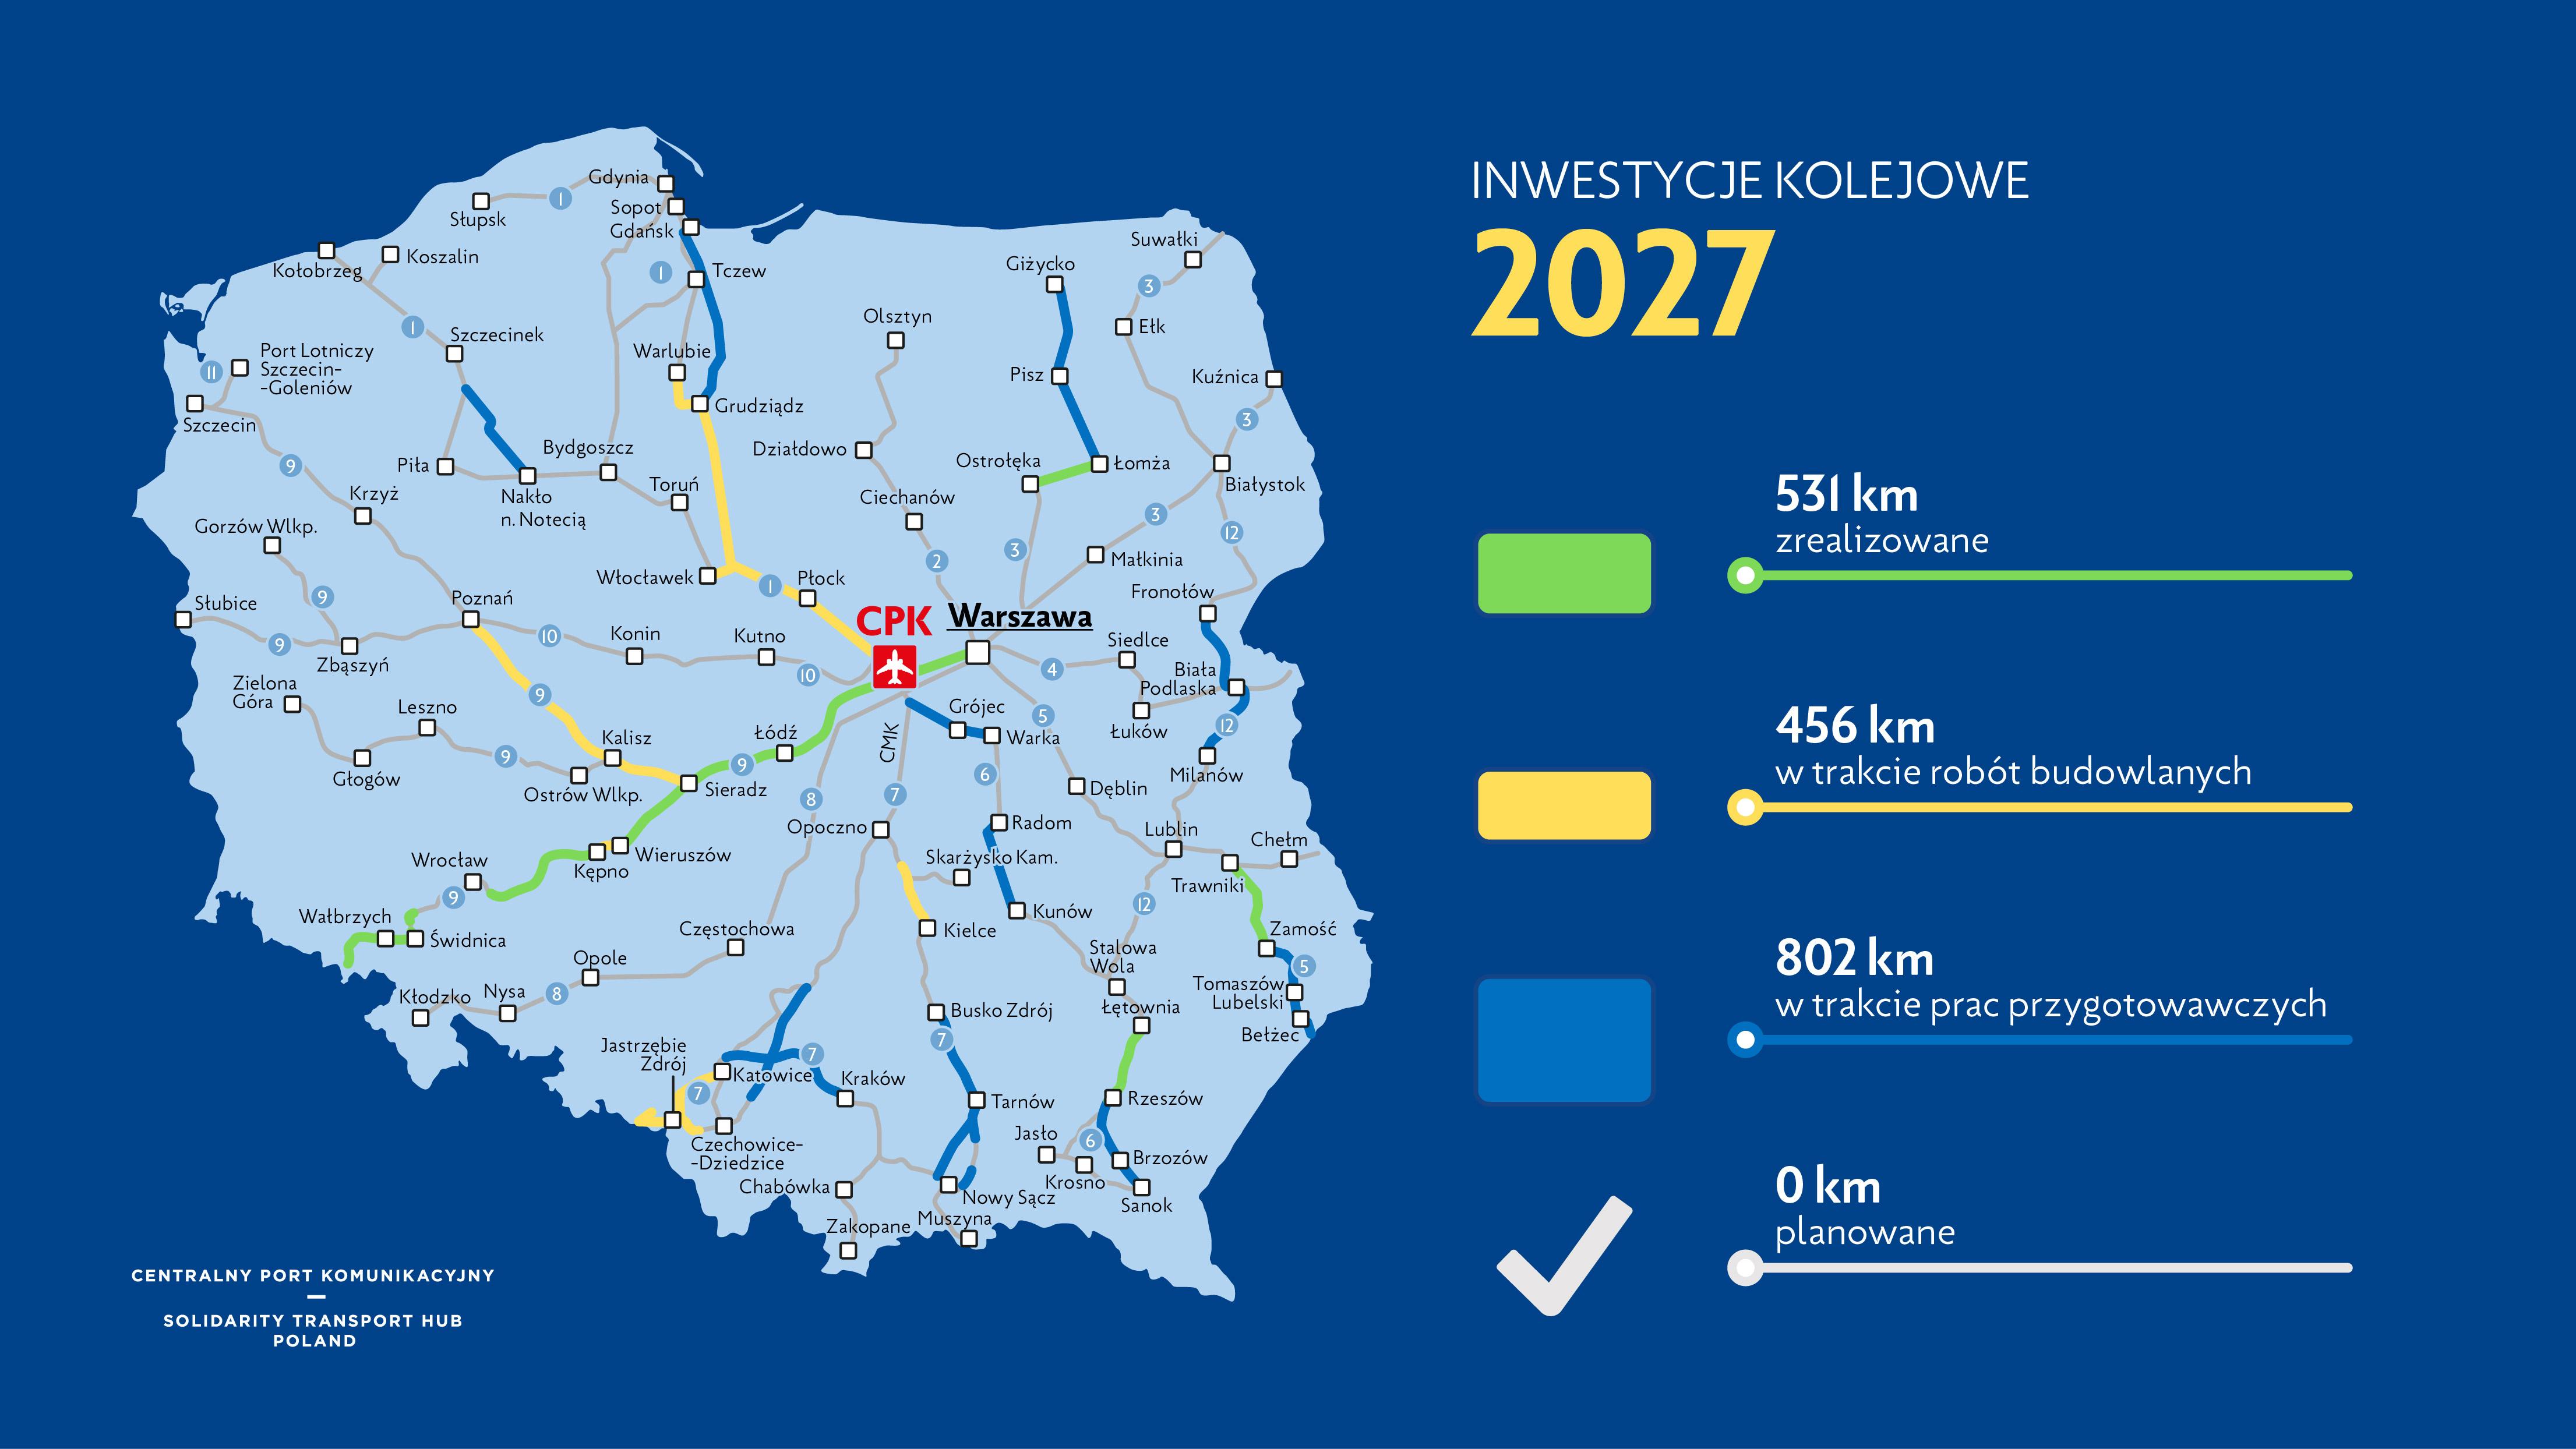 d0c5fdc5 d0d1 439a 9aef 633a582ce43e Nowa linia kolejowa przez Zamość